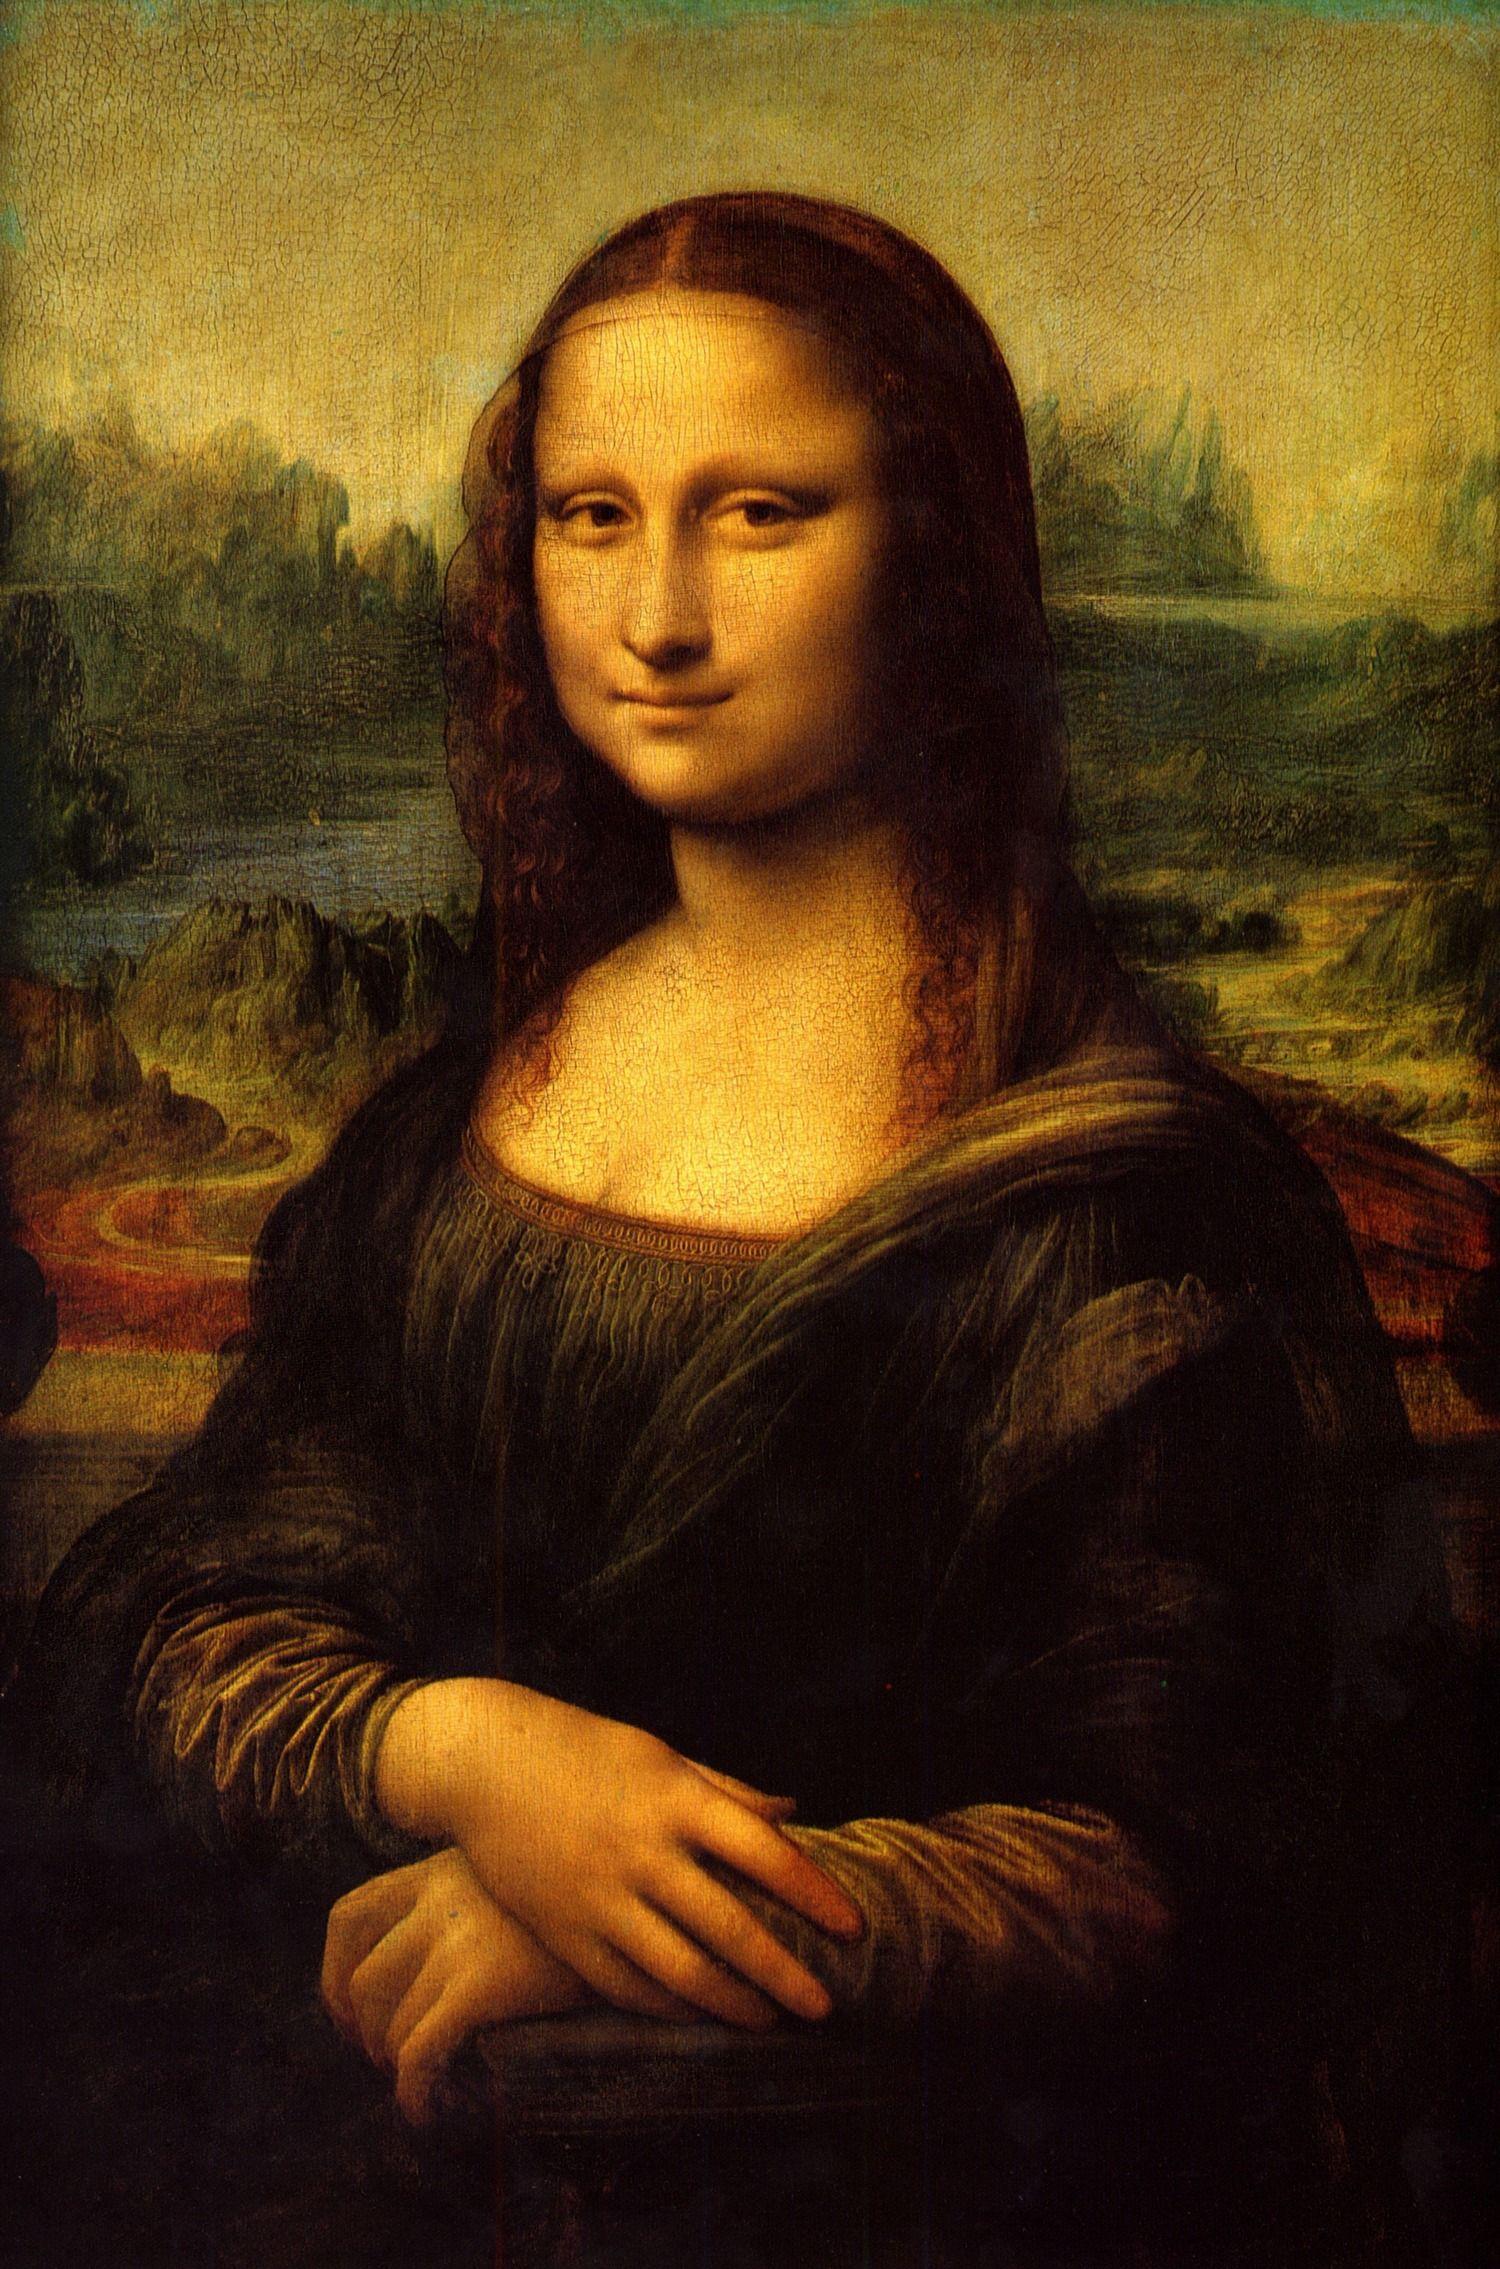 Według niektórych słynna Mona Lisa to nie kto inny jak Izabel, która miała mieć romans z Leonardem.